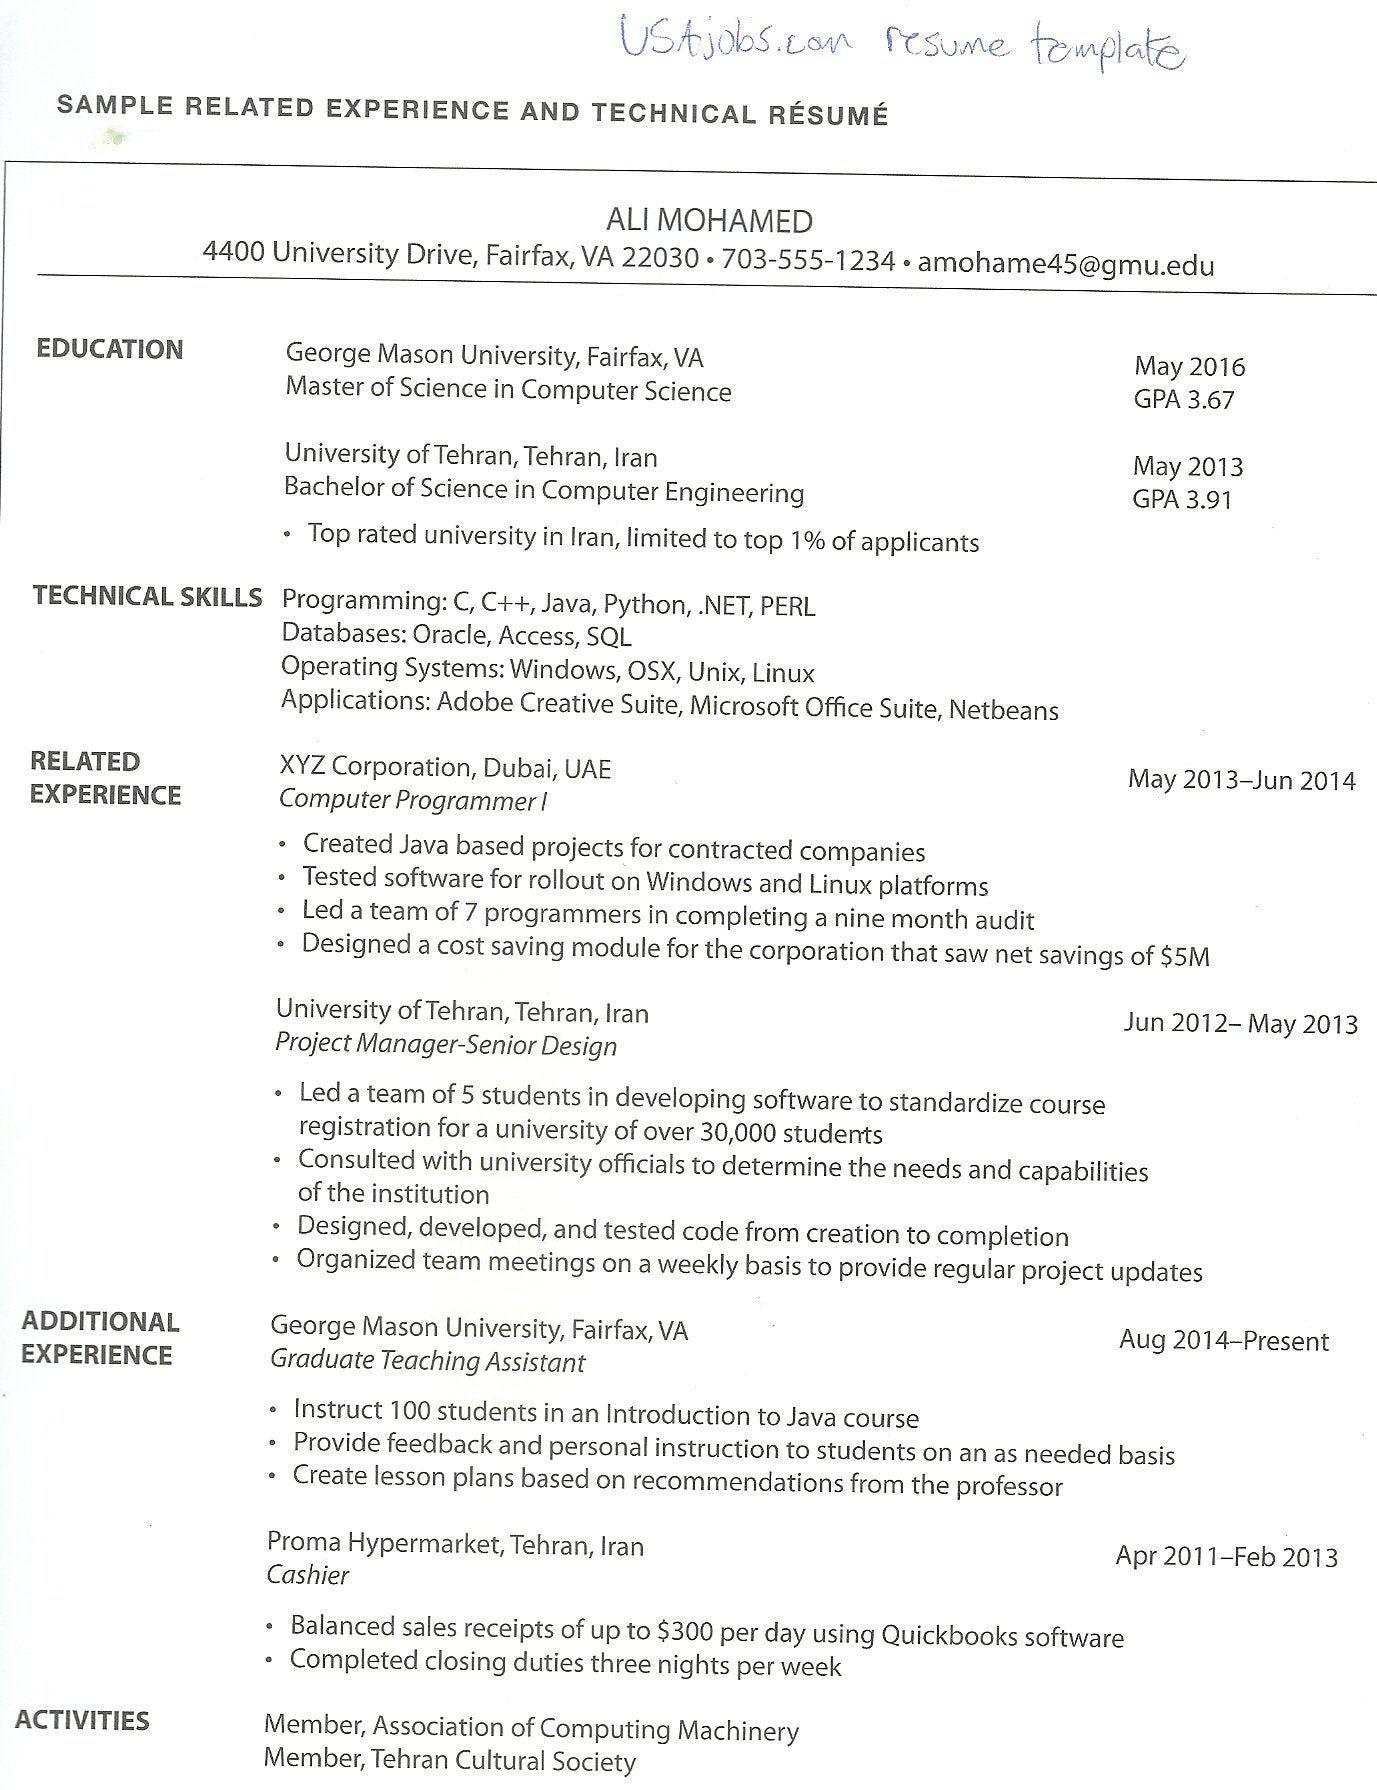 Libreoffice Resume Template Reddit Resume 2 Getjobb In 2020 Resume Template Resume Templates